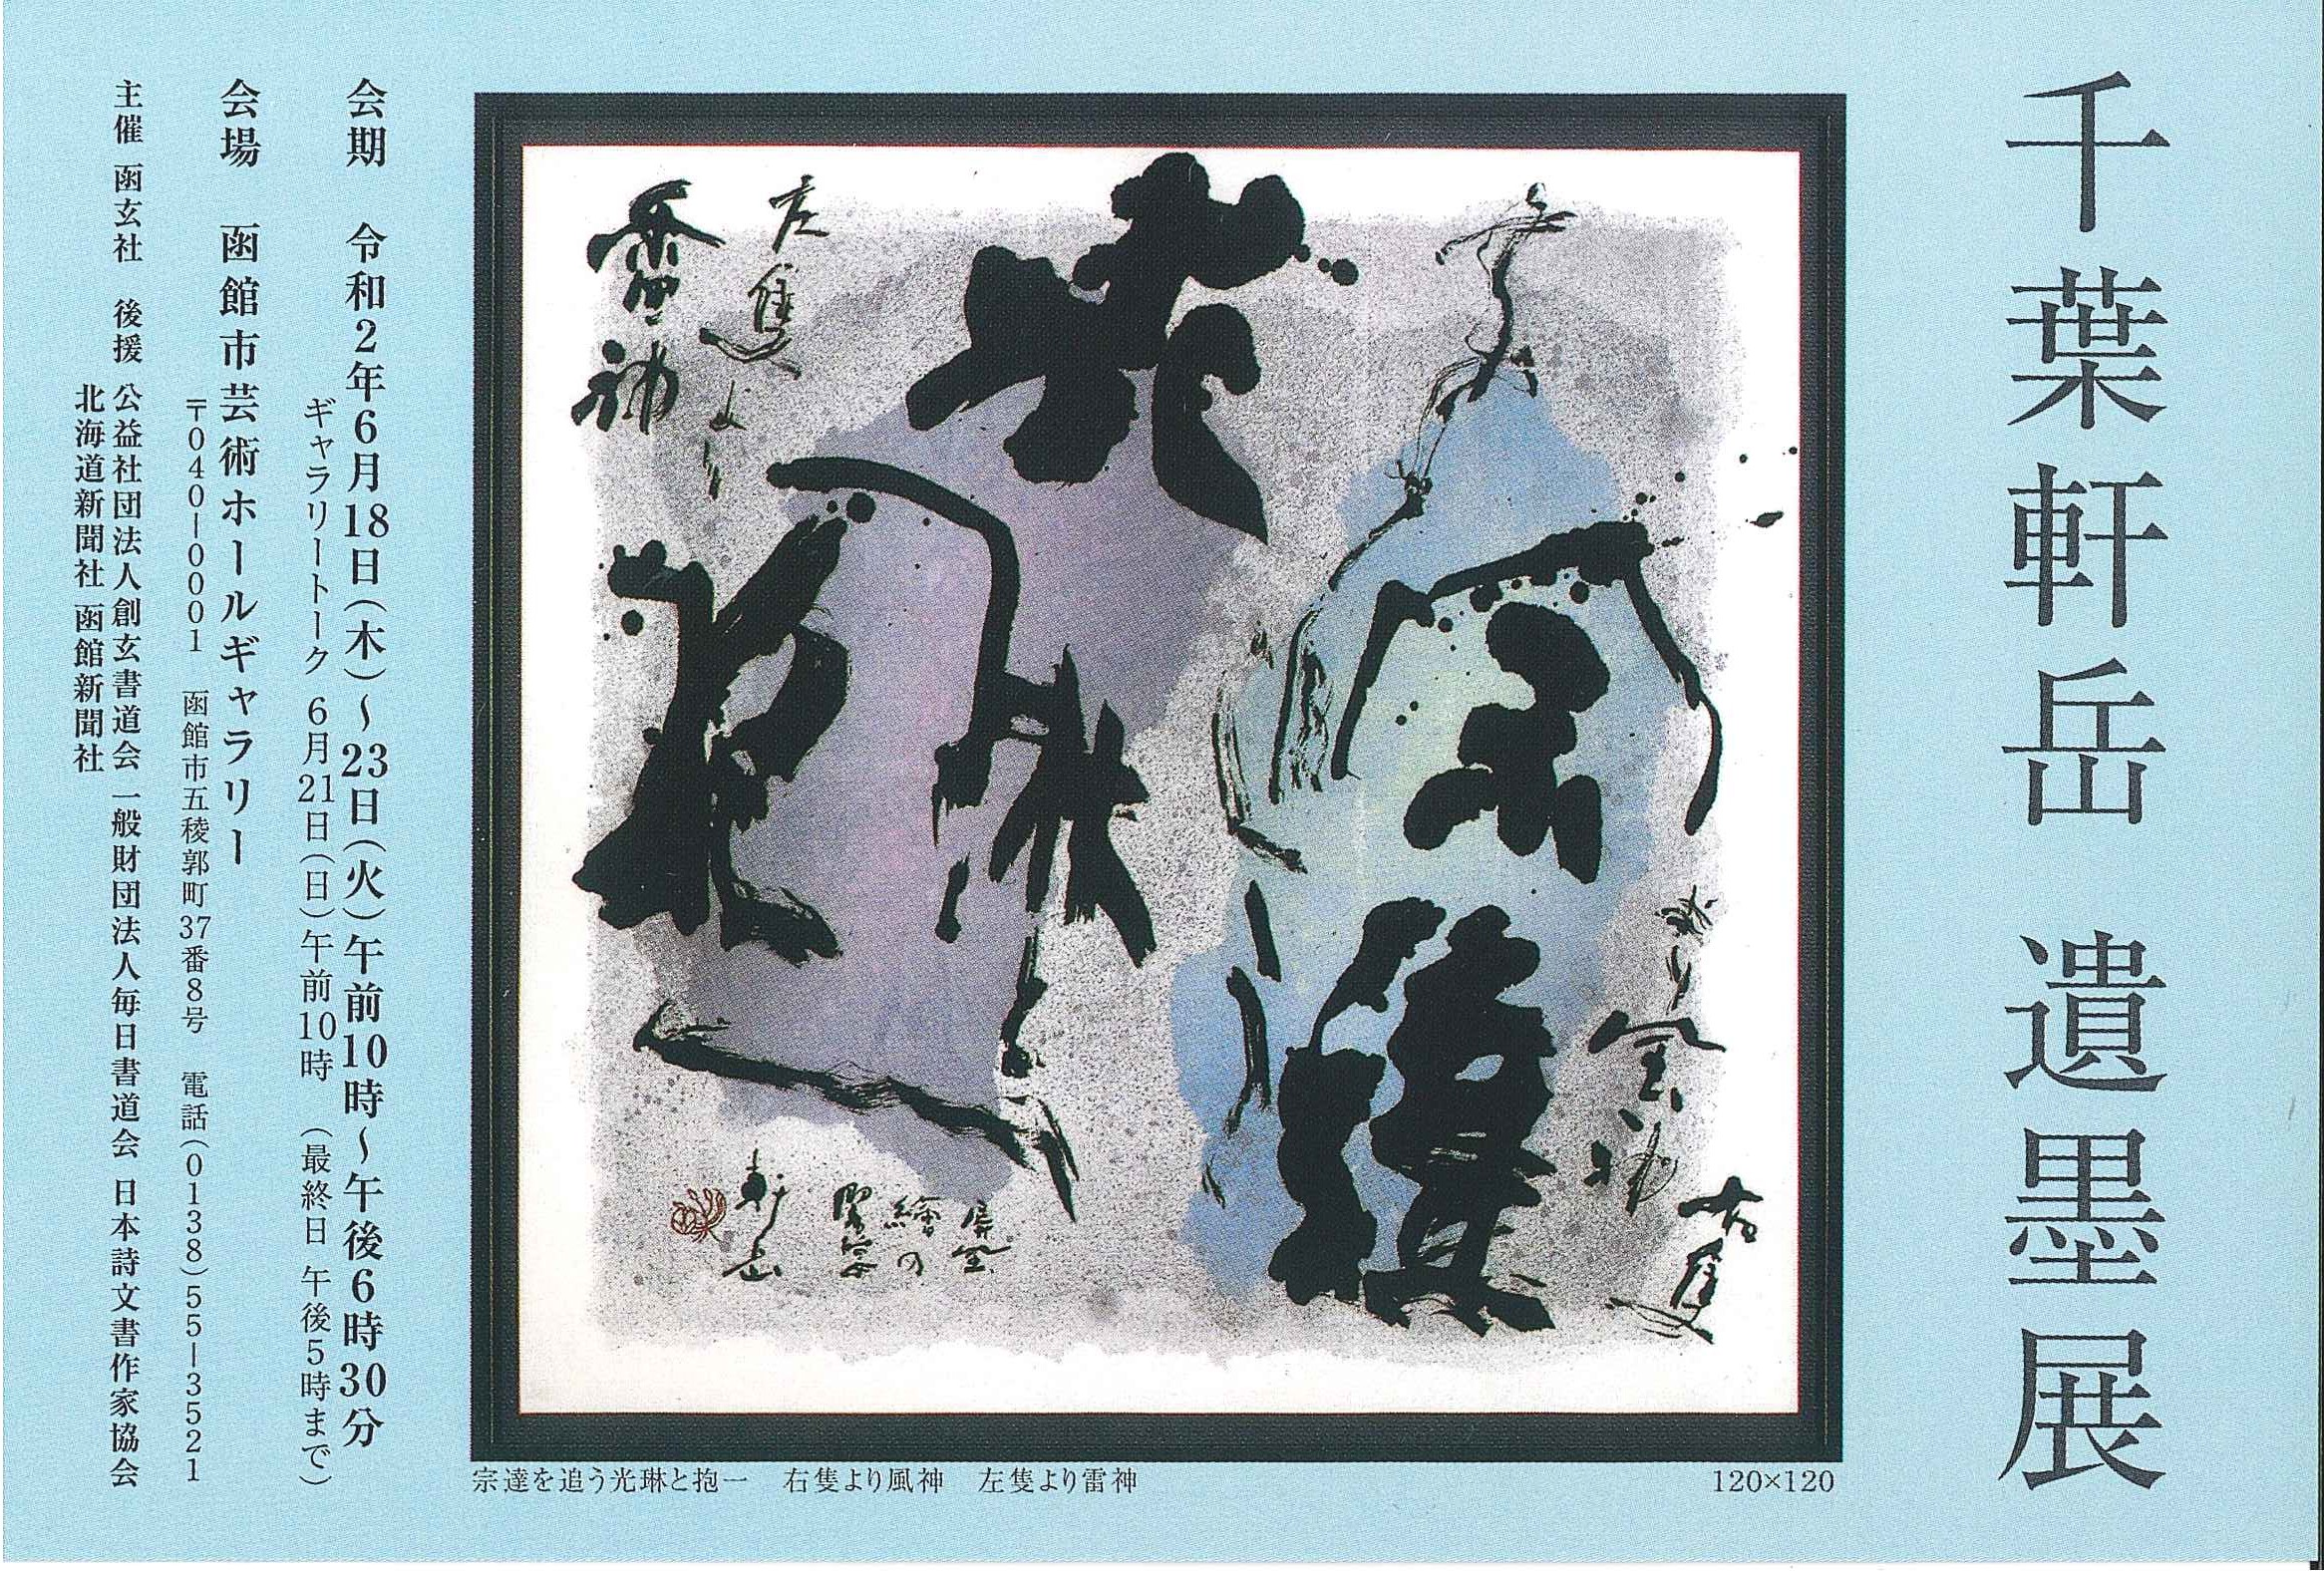 http://www.sogen.or.jp/letter/2020/05/08/20200508165858535_0001.jpg